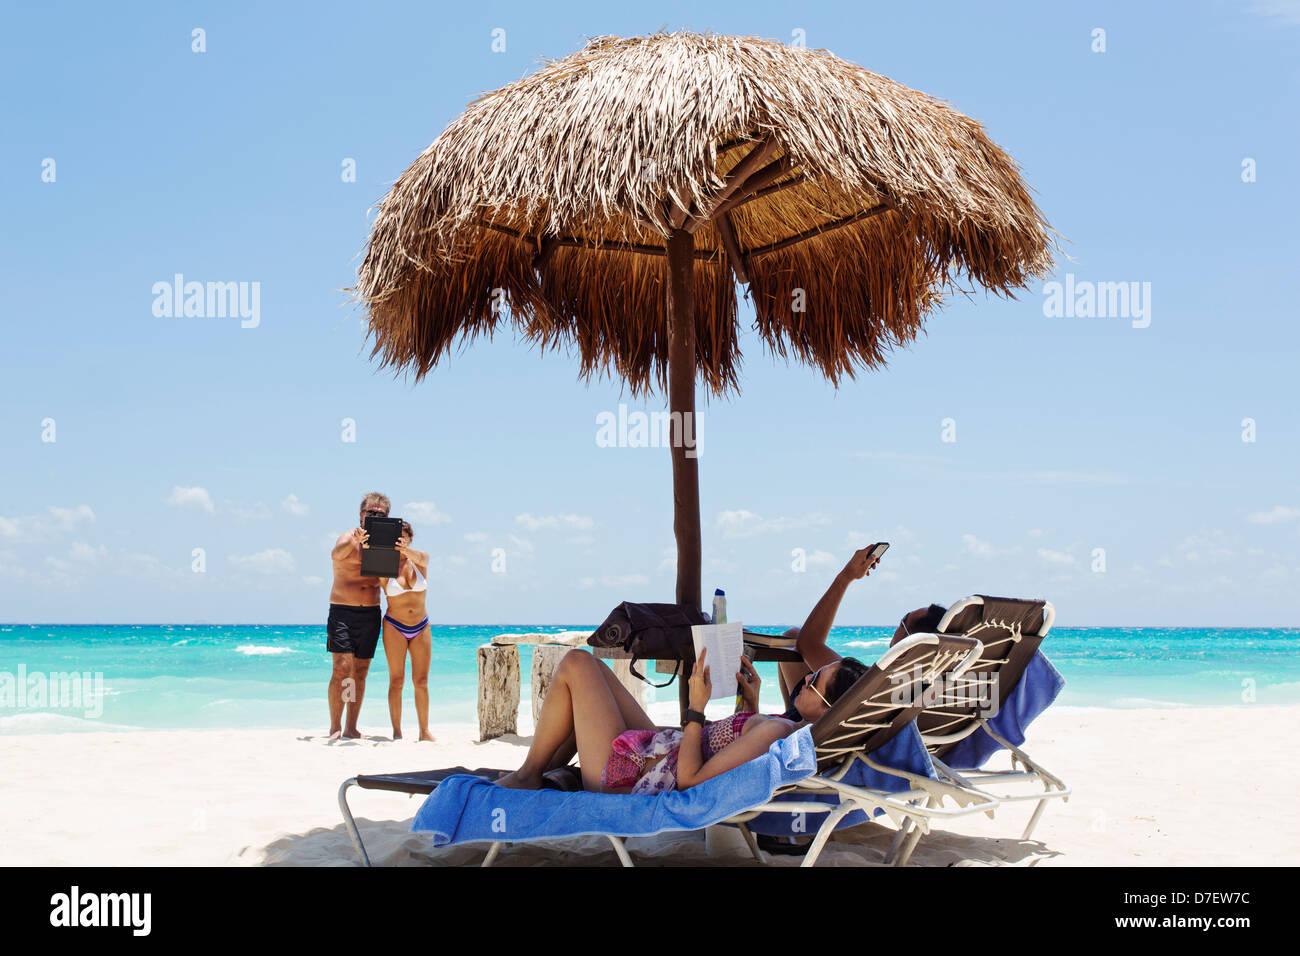 La gente sulla spiaggia utilizzando i-phone e i-pad Immagini Stock